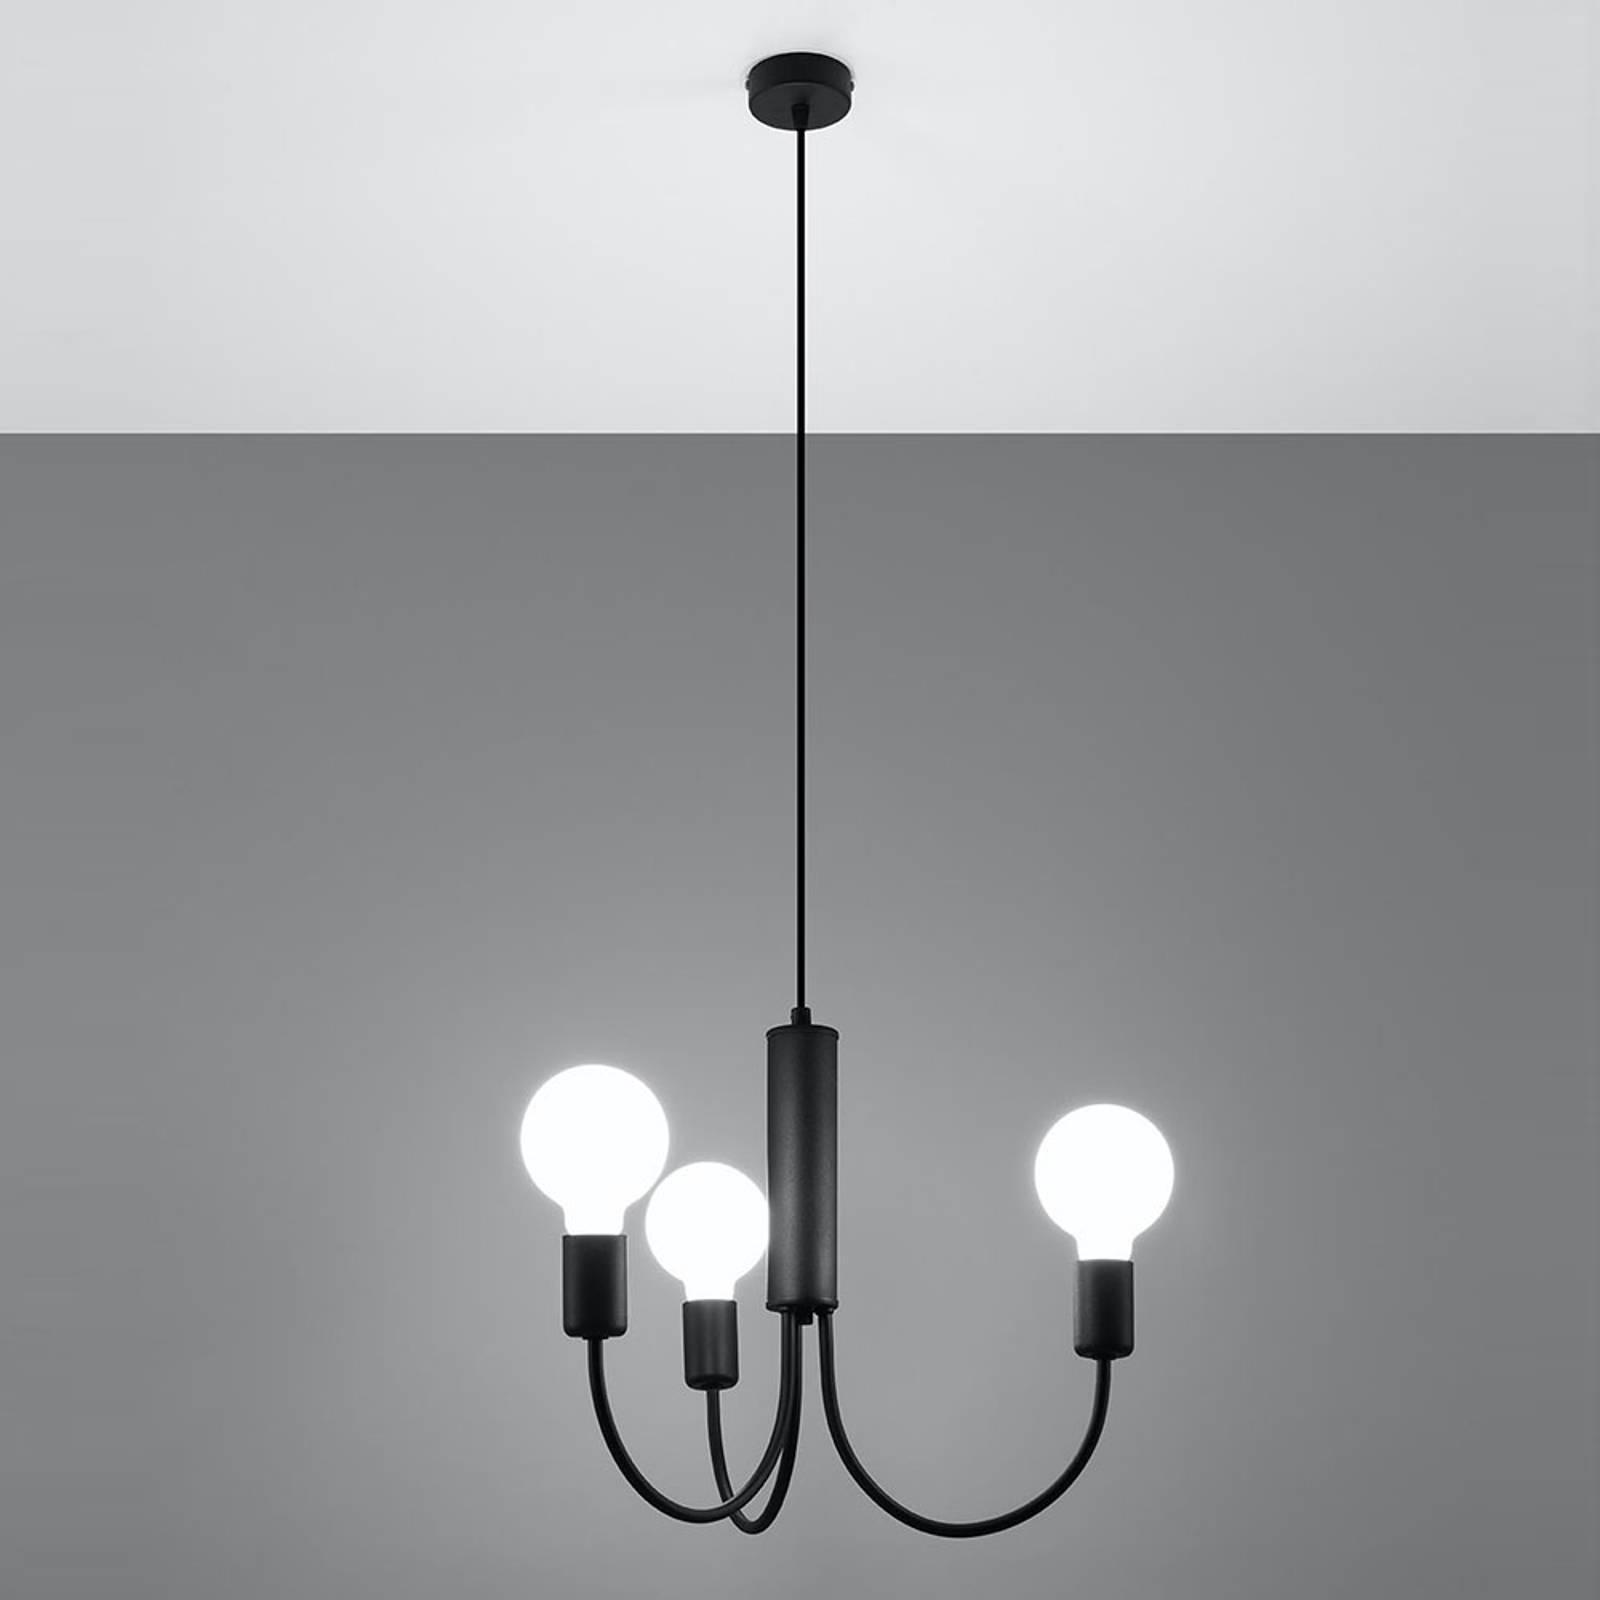 Riippuvalo Frigg, musta, 3-lamppuinen